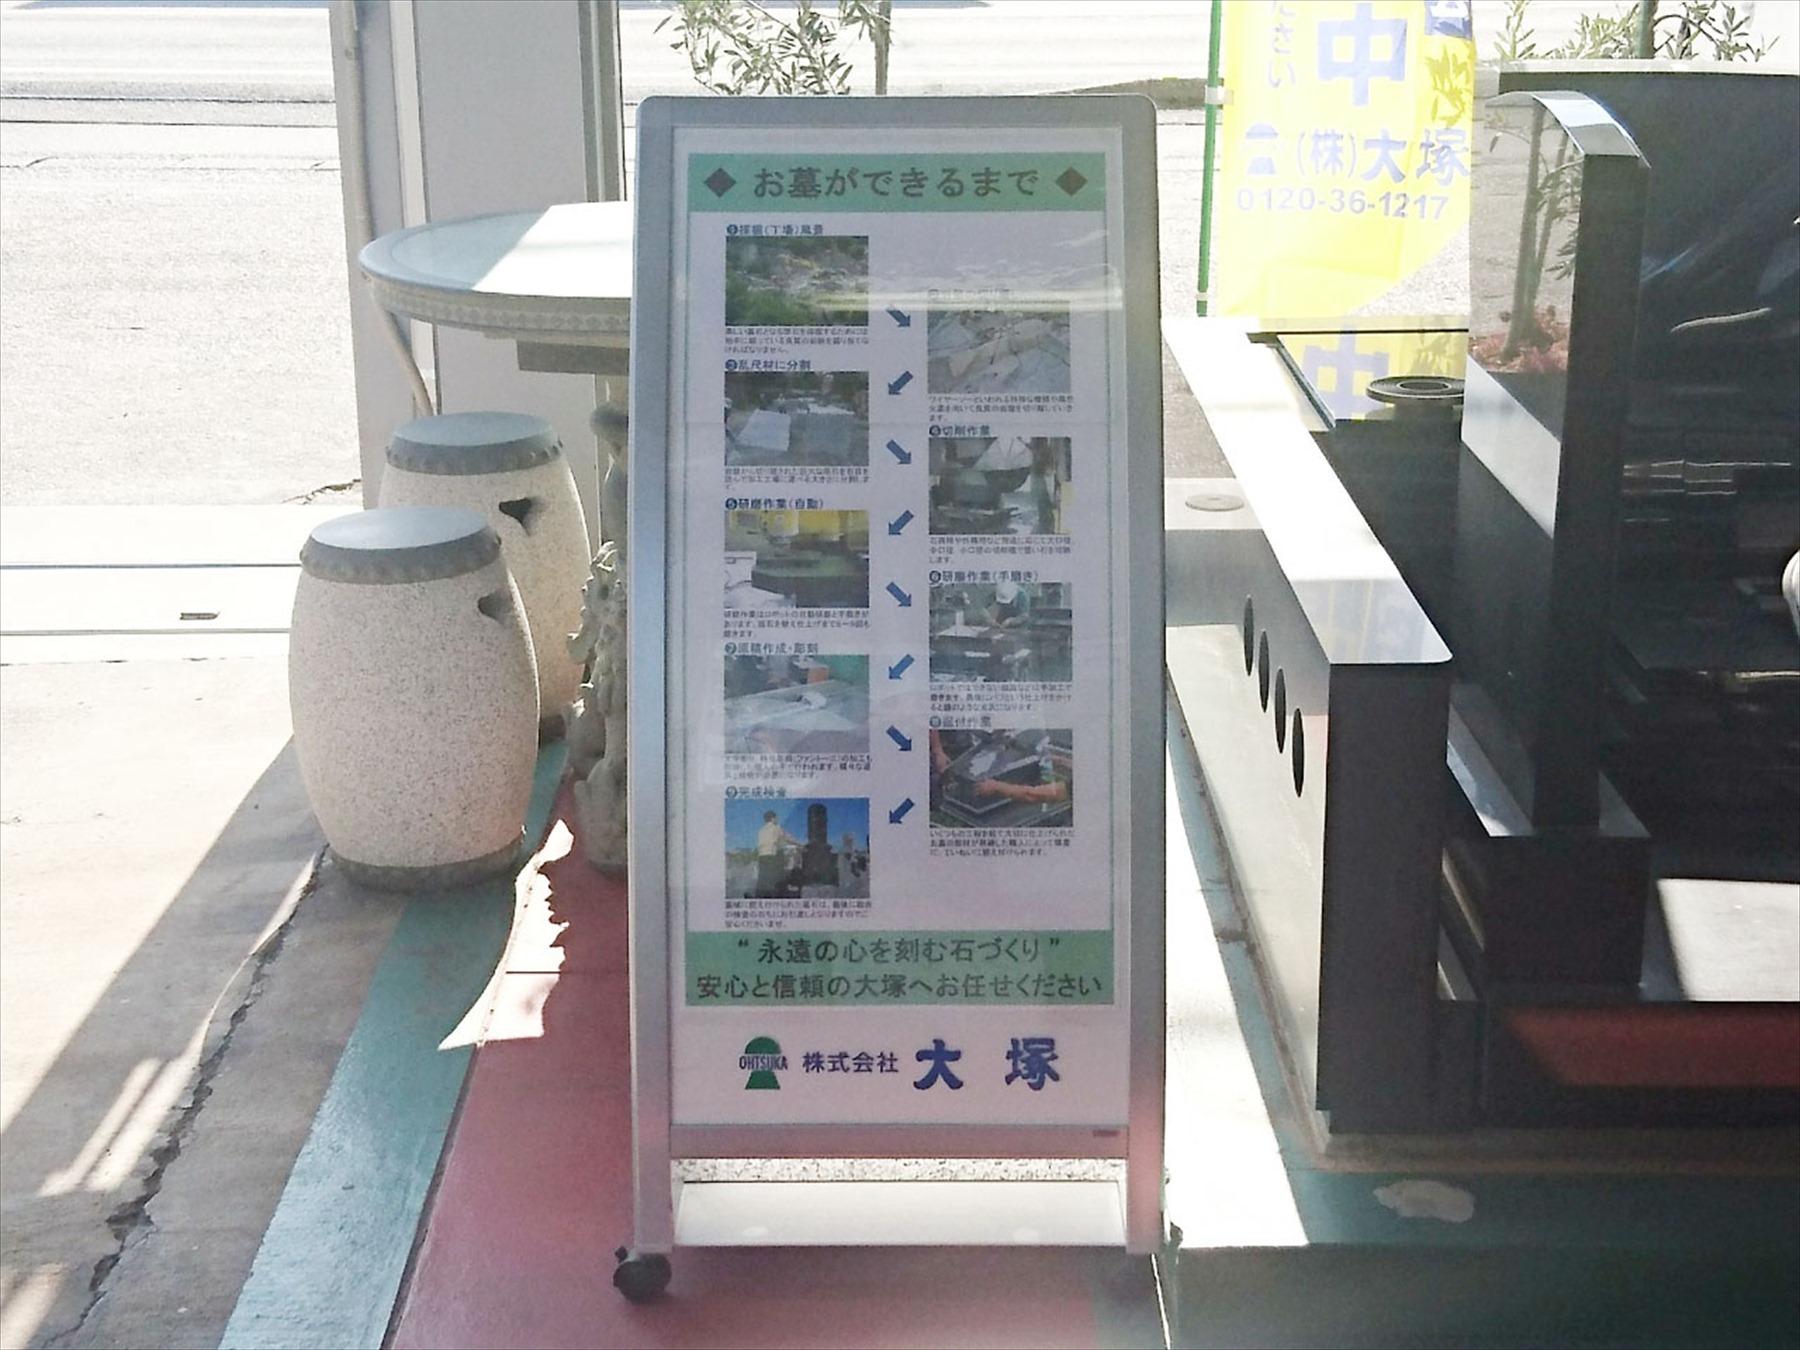 埼玉県上尾市 石材店の中庭 展示場 お墓ができるまで 看板17-03-22-14-59-15-968_photo